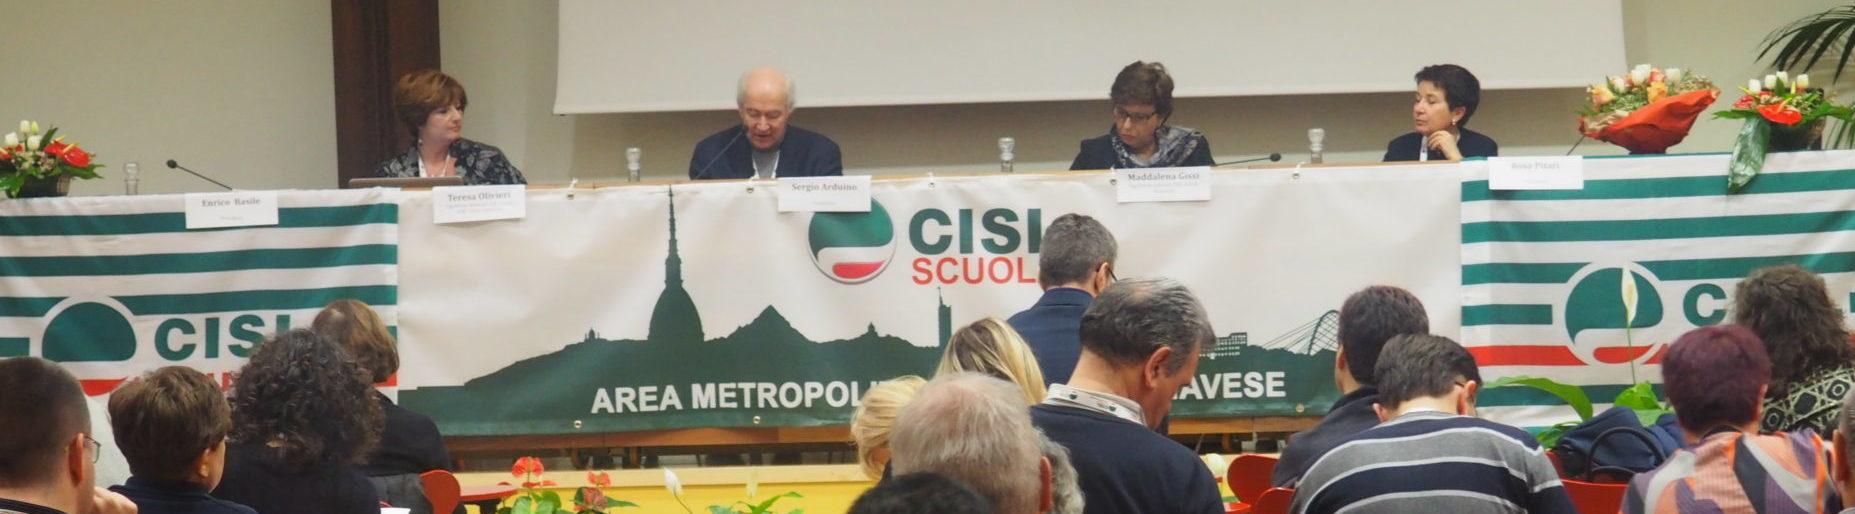 Il tavolo presidenza Cisl Scuola vista sala